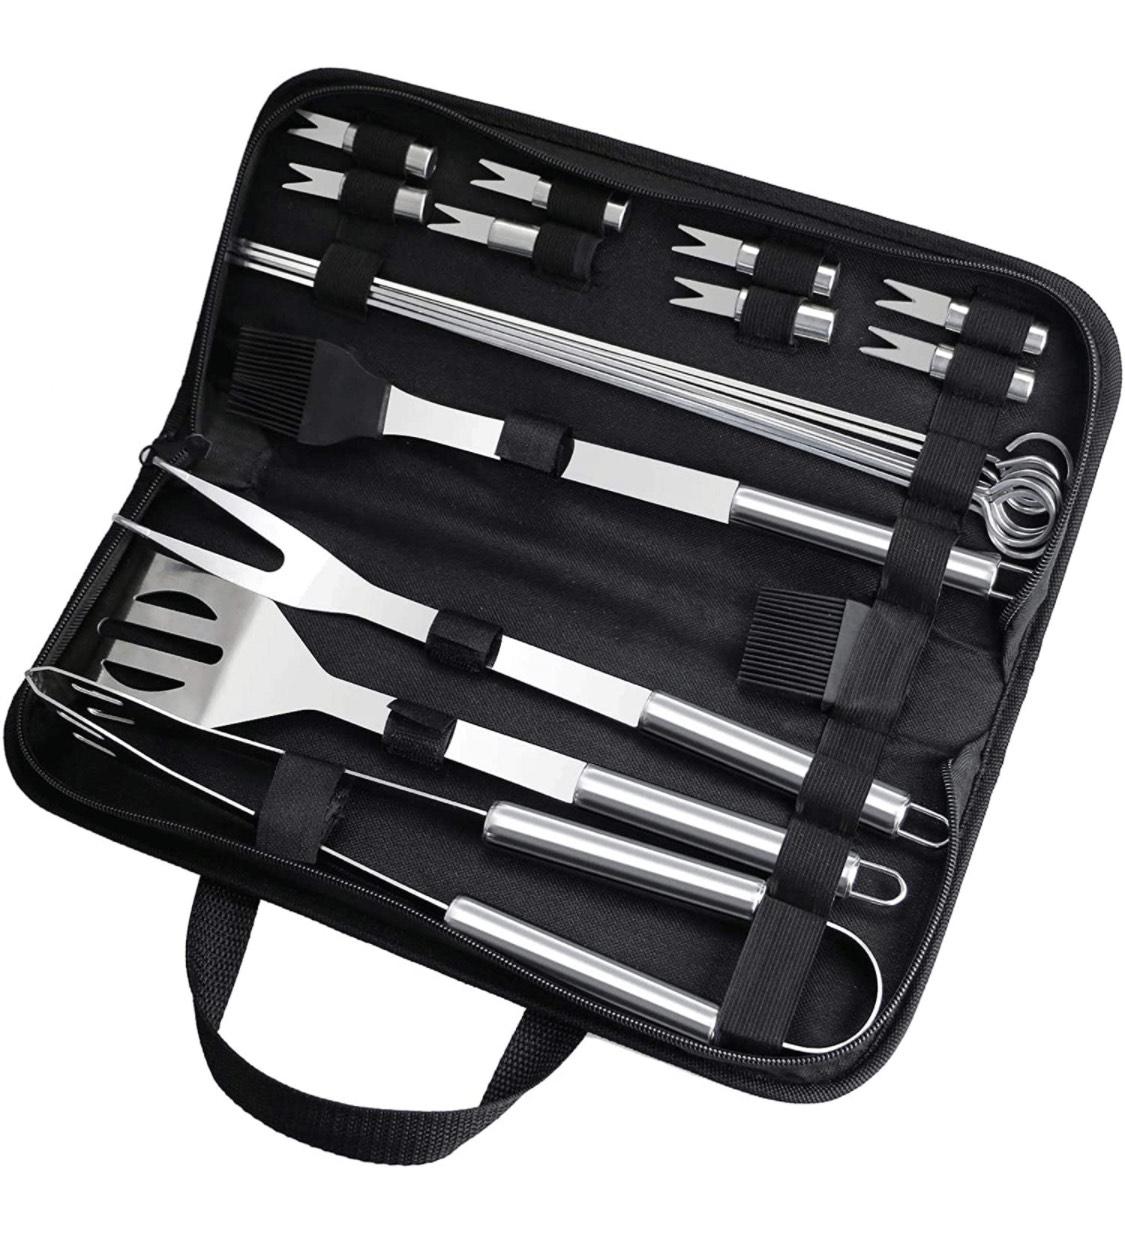 Grillbesteck im Koffer Edelstahl Grillzubehör Männer Geschenk Grillset Barbecue Tool Sets mit Grillzange (20 Stück